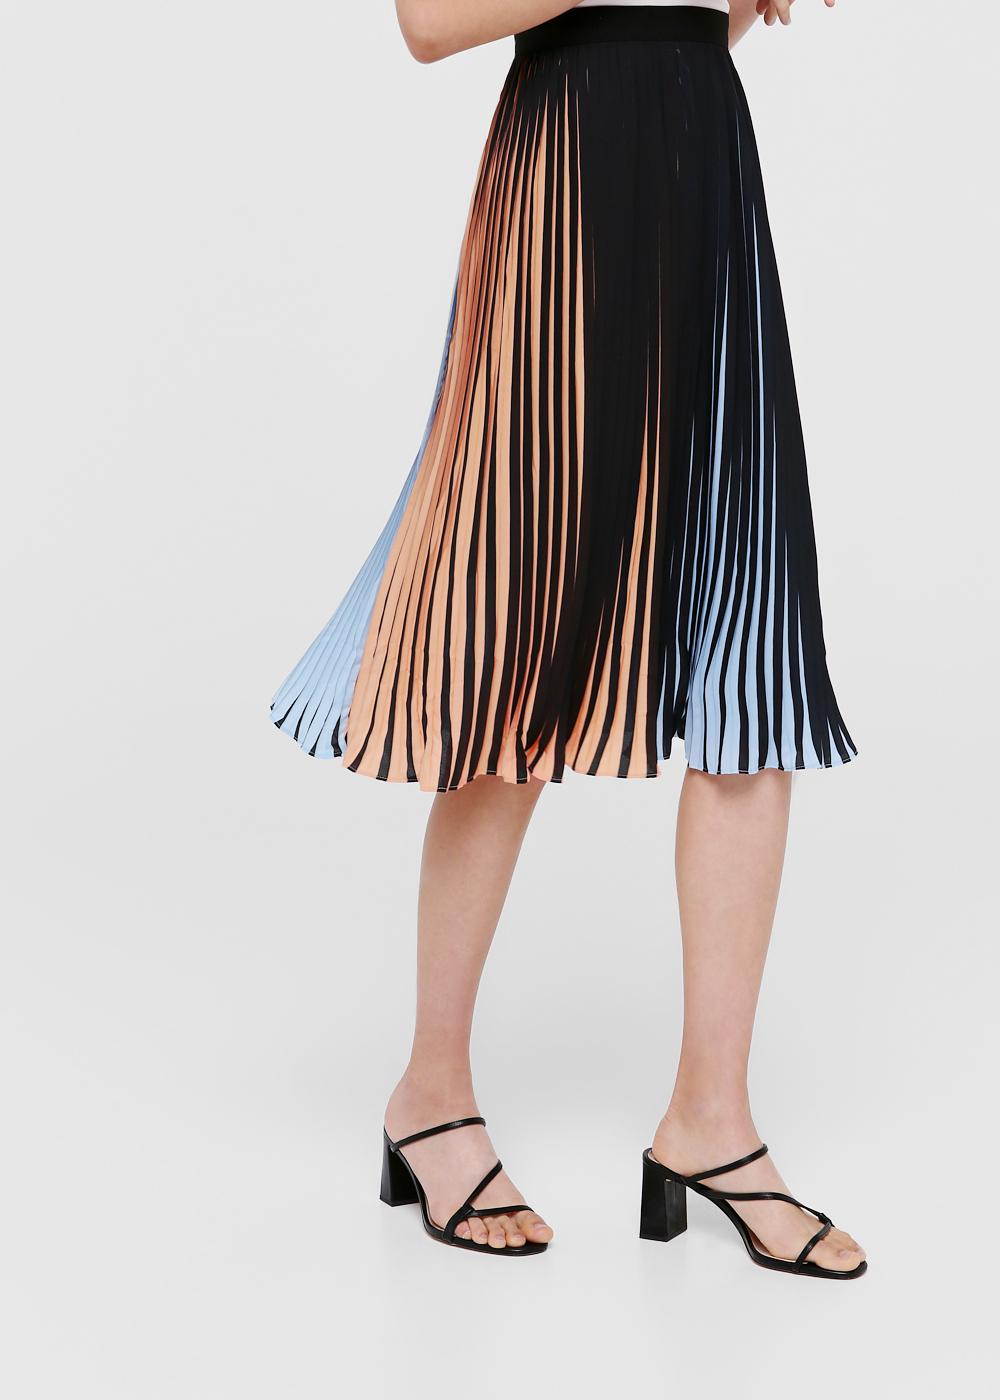 Jasmine Pleated A-line Midi Skirt